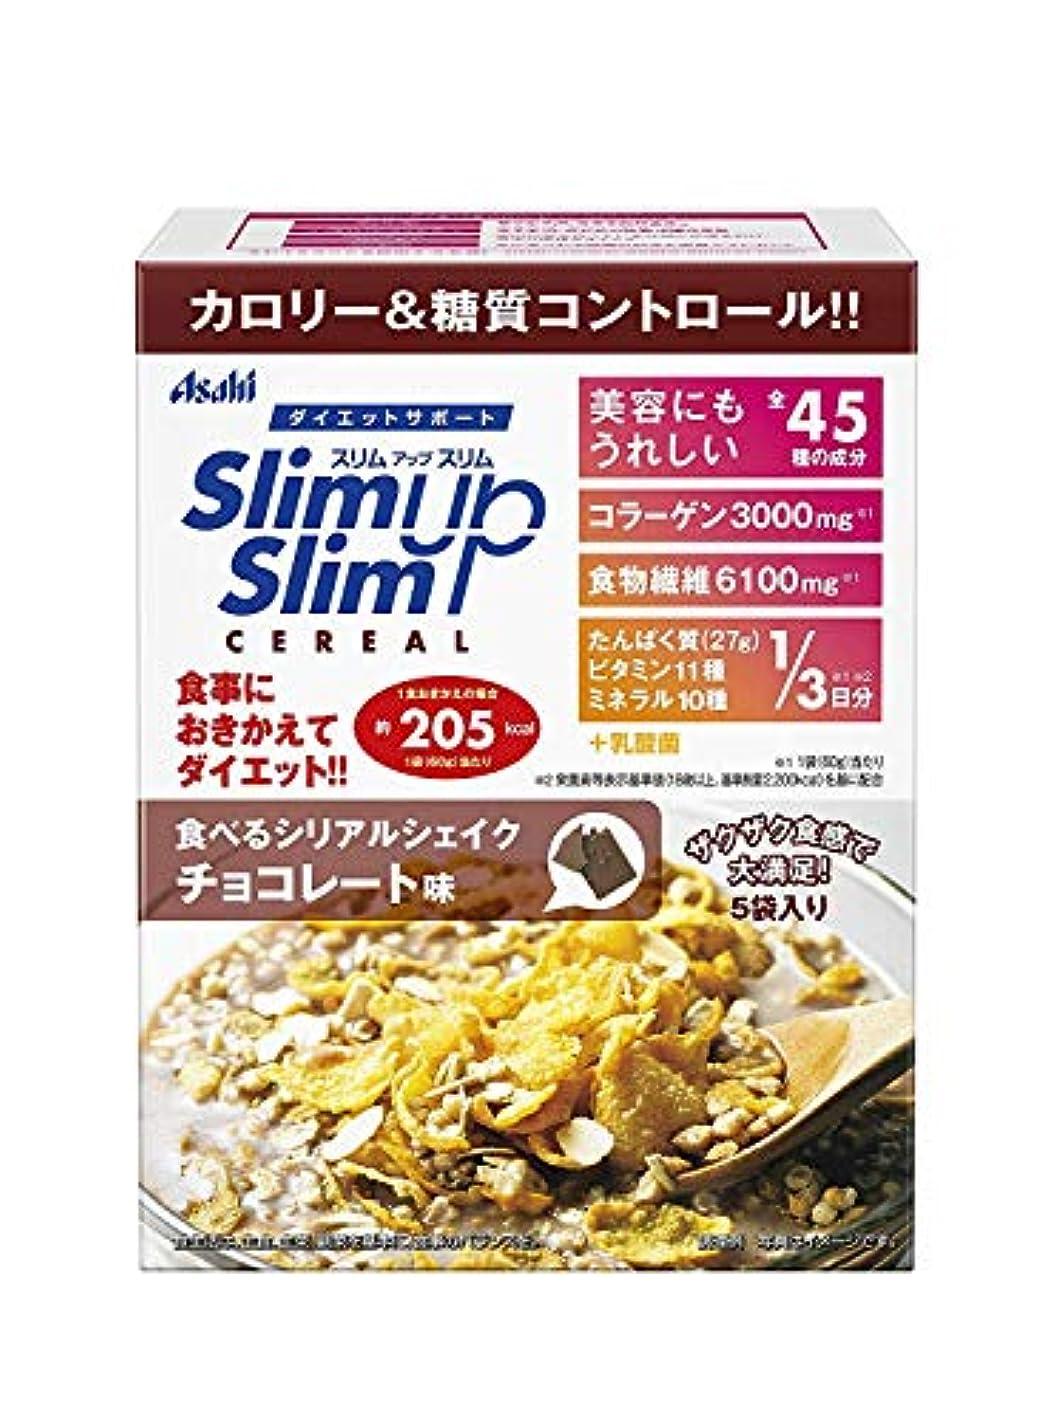 淡い兵士貯水池スリムアップスリム 食べるシリアルシェイク チョコレート味 300g (60g×5袋) ×5